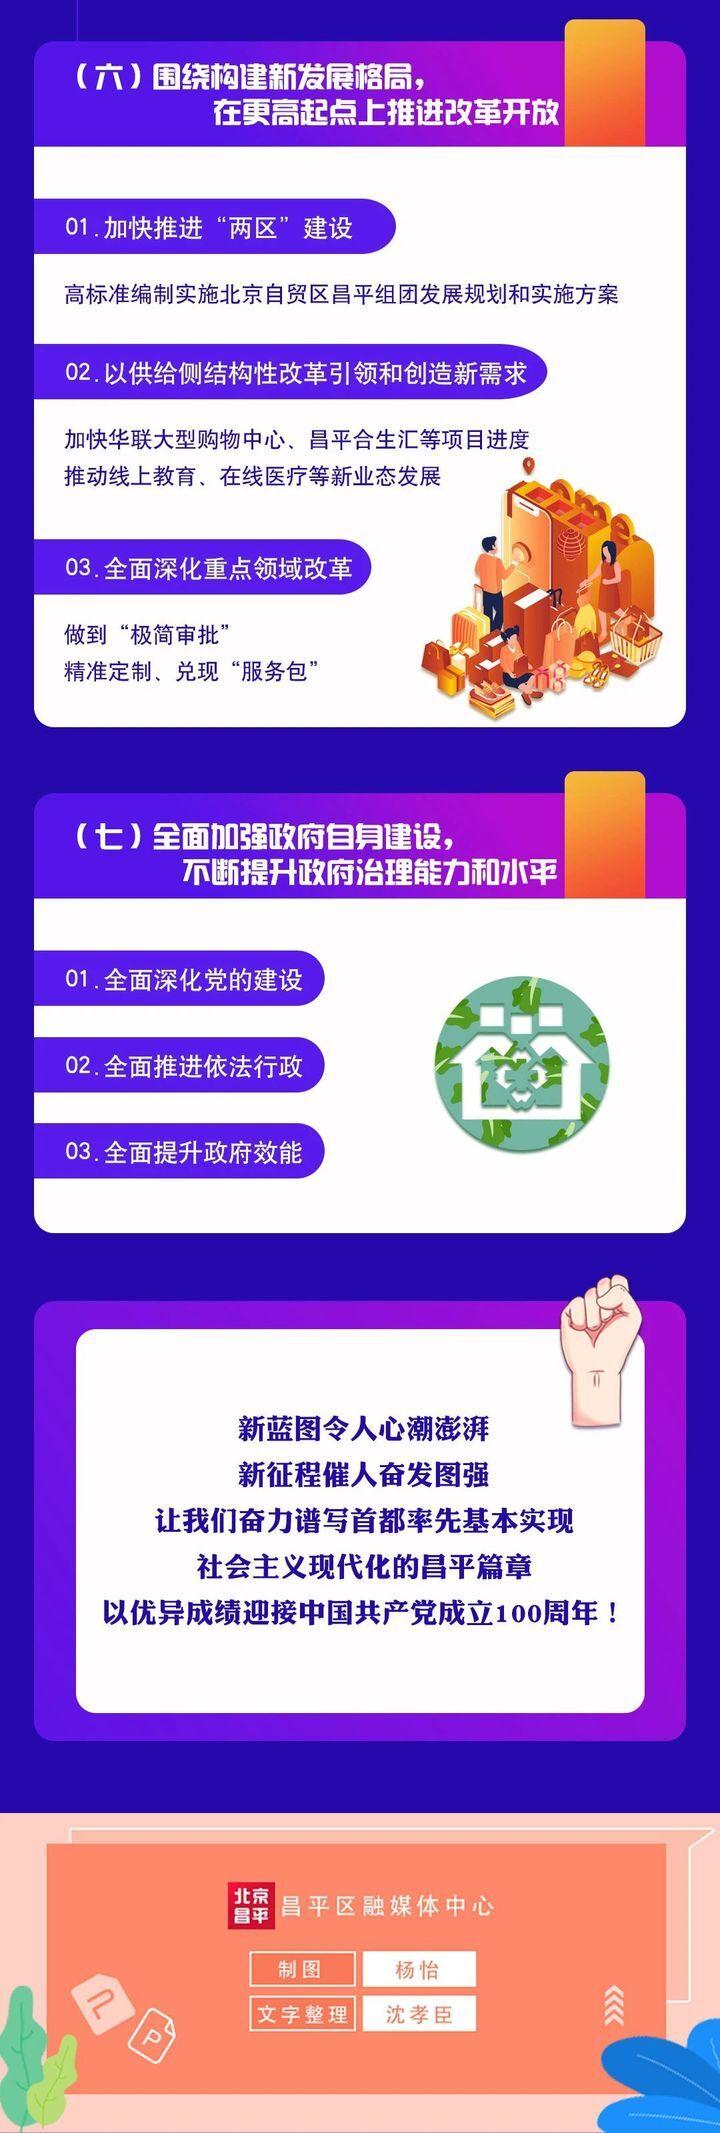 一张长图!看懂2021昌平区政府工作报告